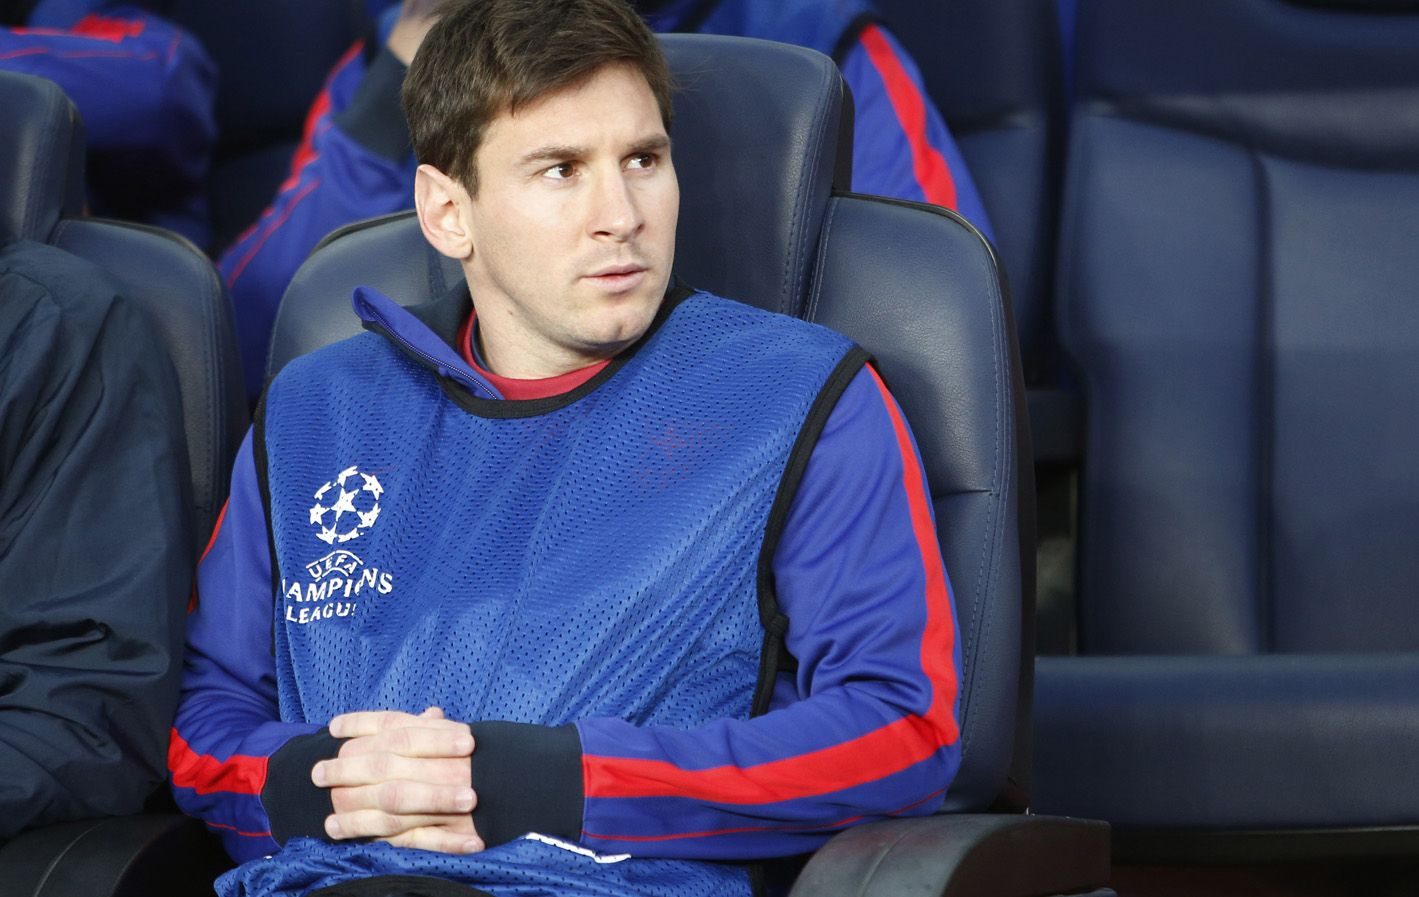 En España todavía se preguntan por qué Lionel Messi no jugó la semifinal frente a Bayern Munich.